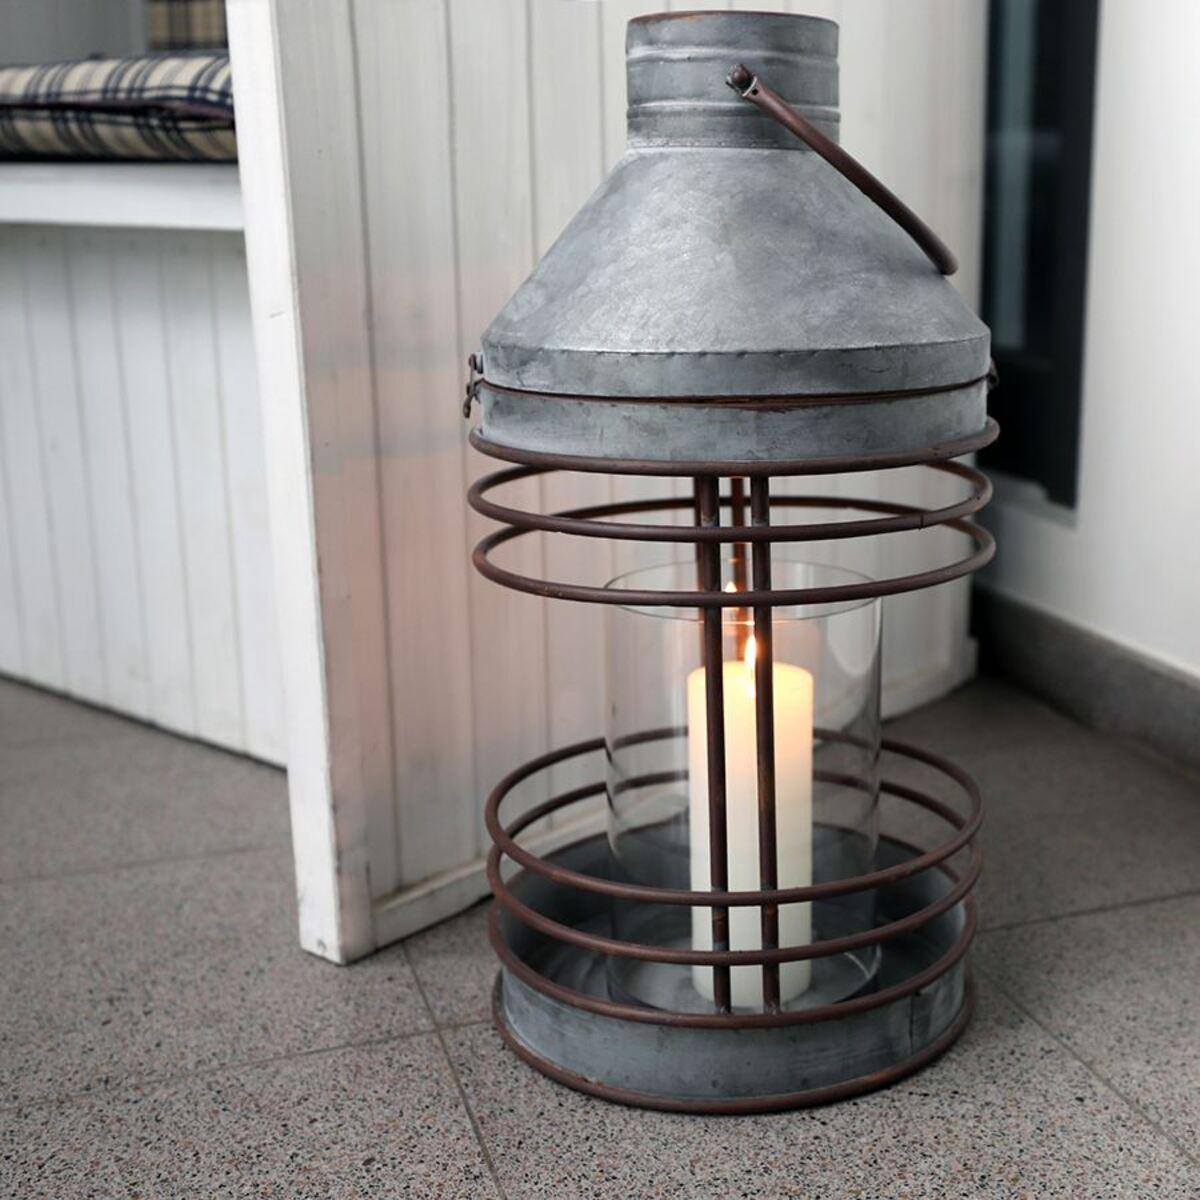 Bild 5 von Outdoor-Laterne aus Zink mit Glaseinsatz 51,5cm